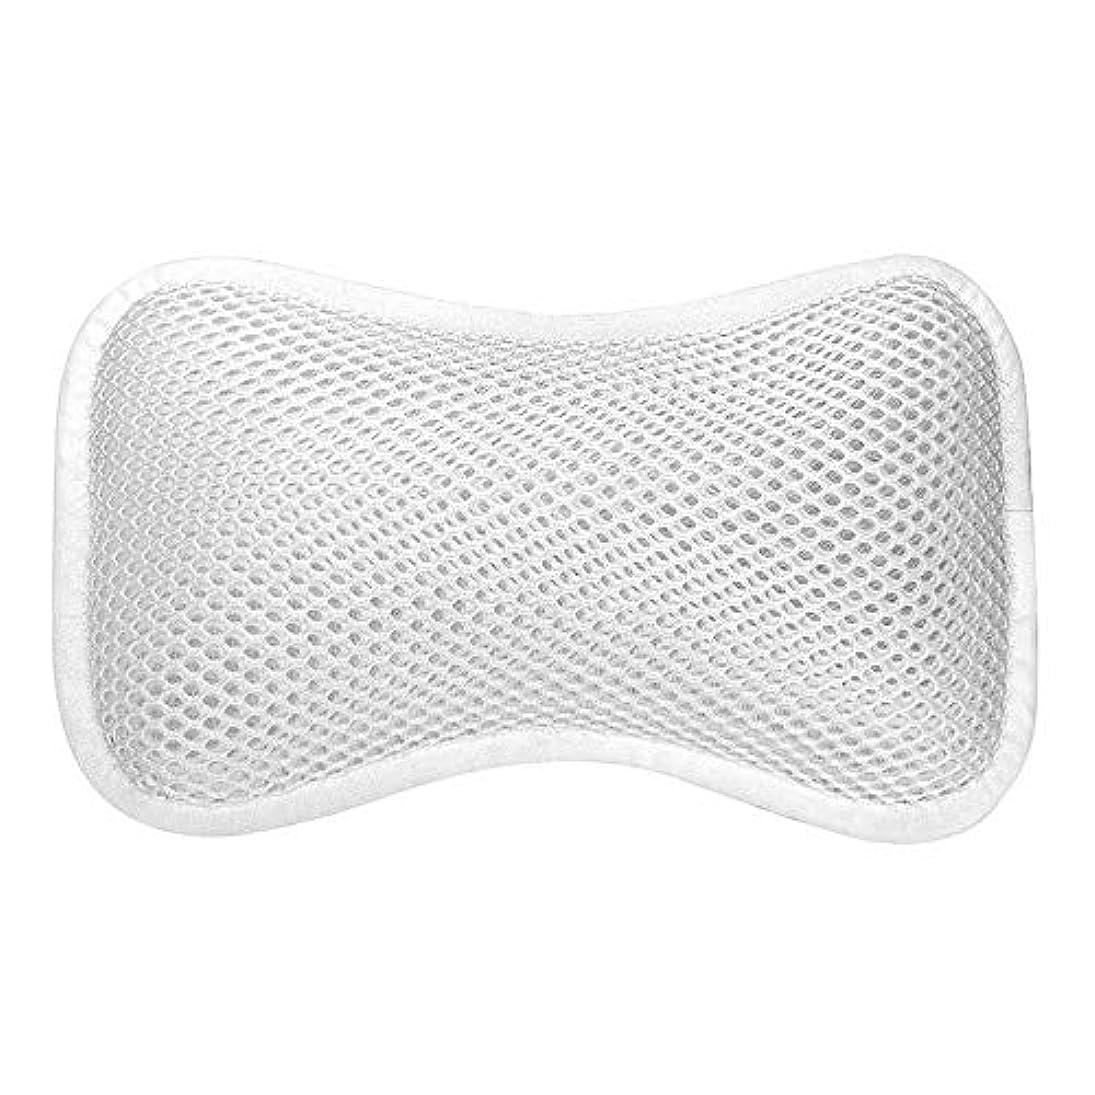 移植検出可能スリッパ3D網の骨の定形バスタブの枕、吸盤が付いている人間工学的の設計滑り止??めの浴槽の枕